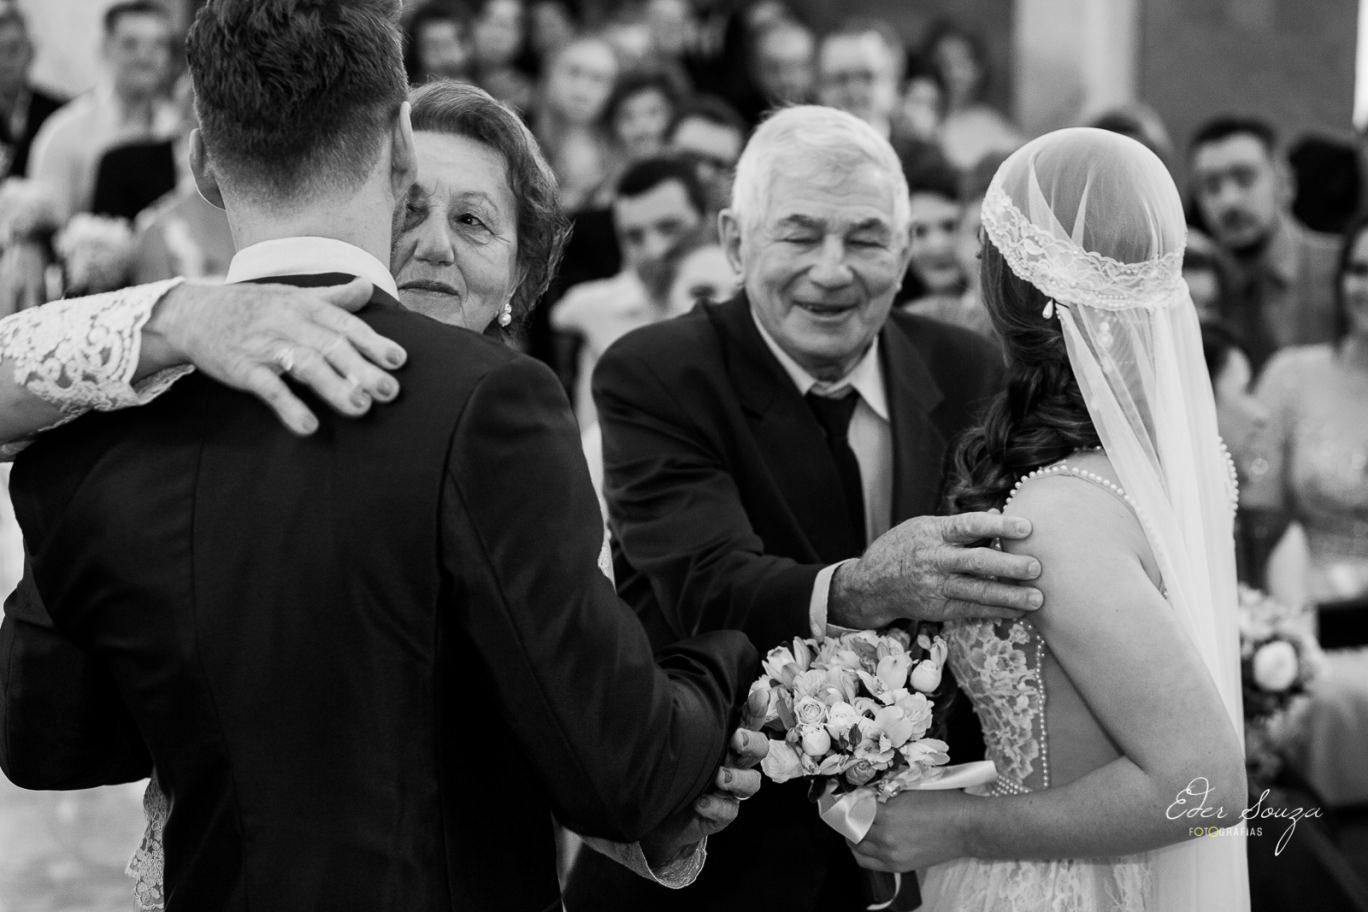 lembranças de familia, casamento